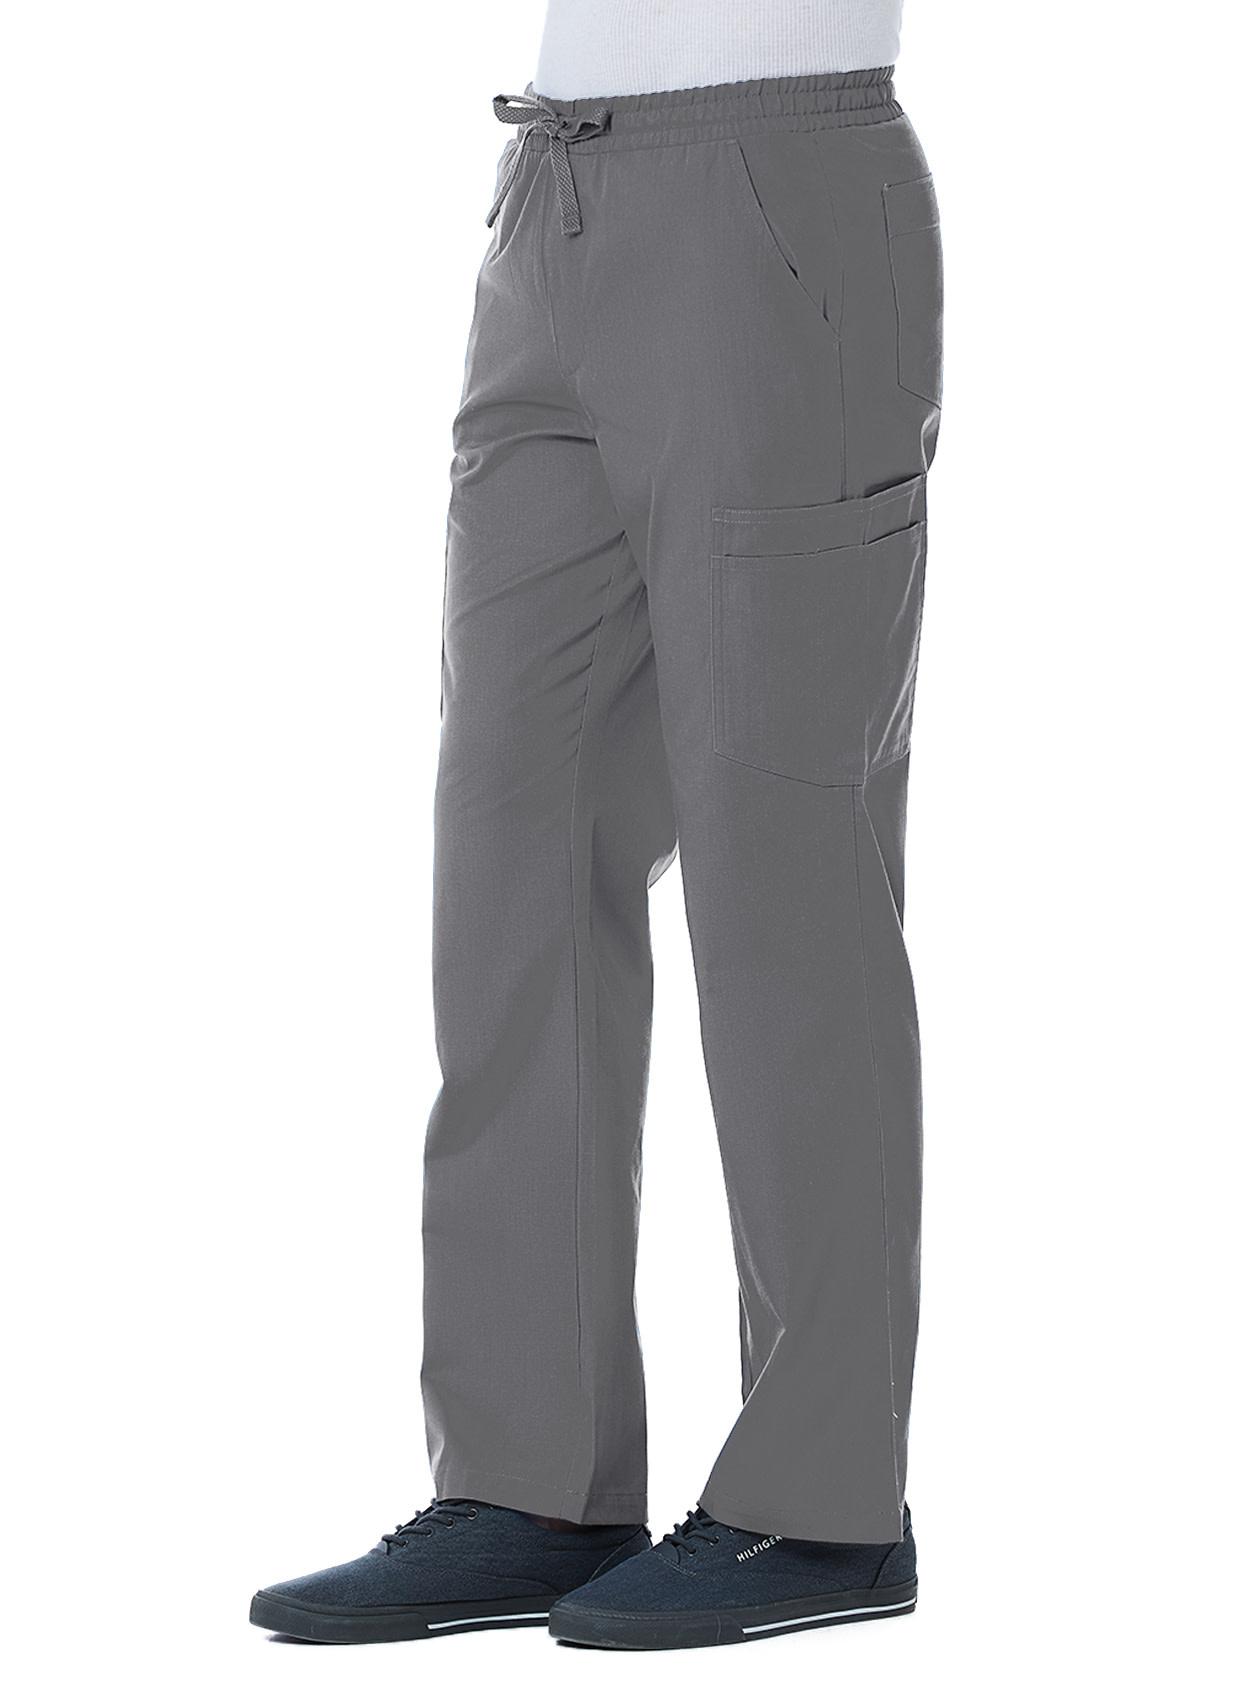 RED PANDA Pewter Grey Men's Cargo Pants 8206T